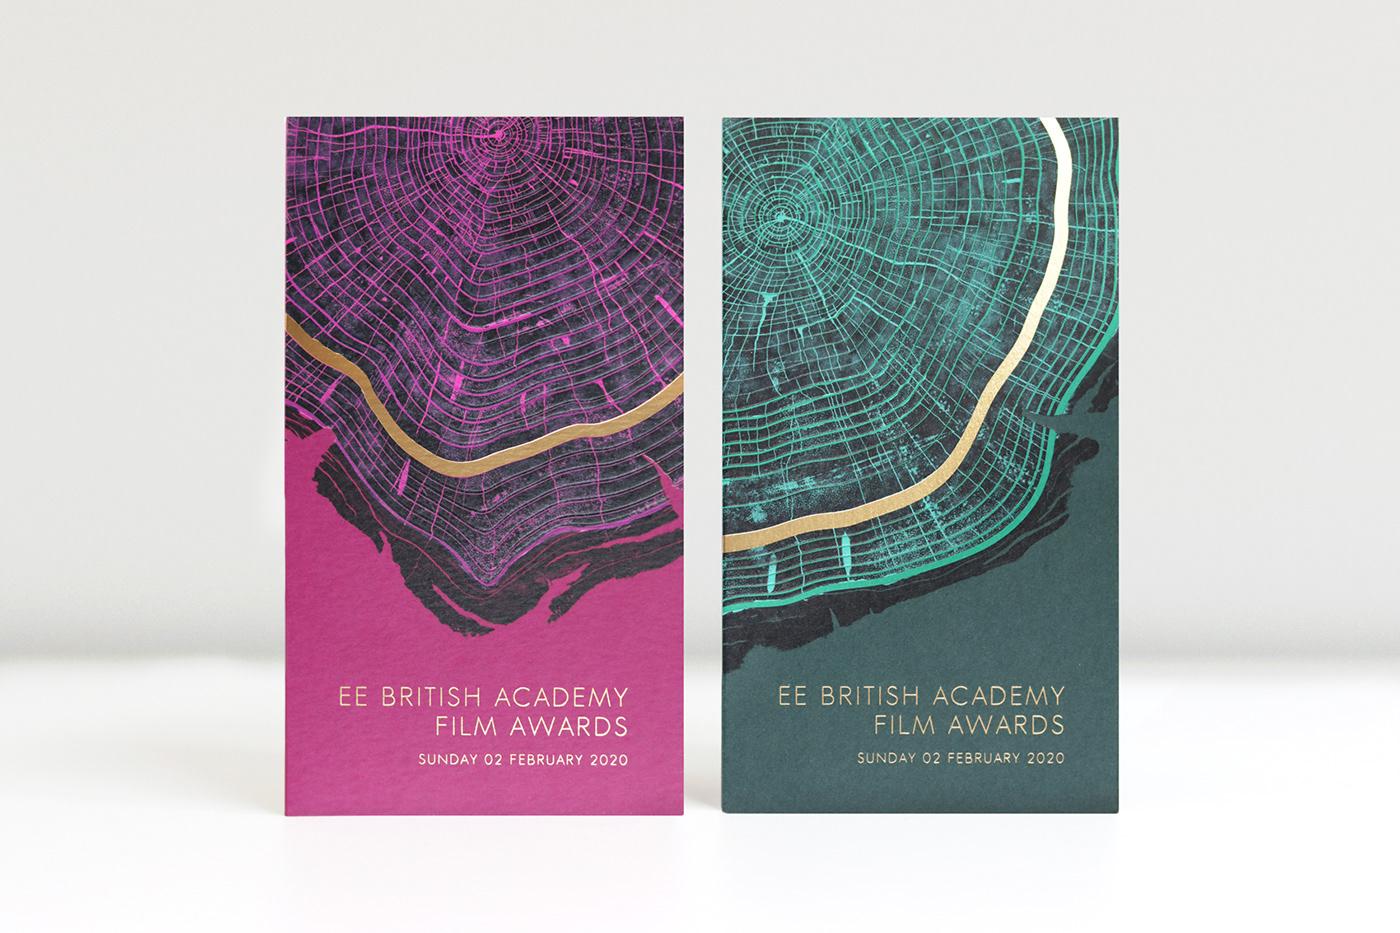 2 colour version invitation to the BAFTAS